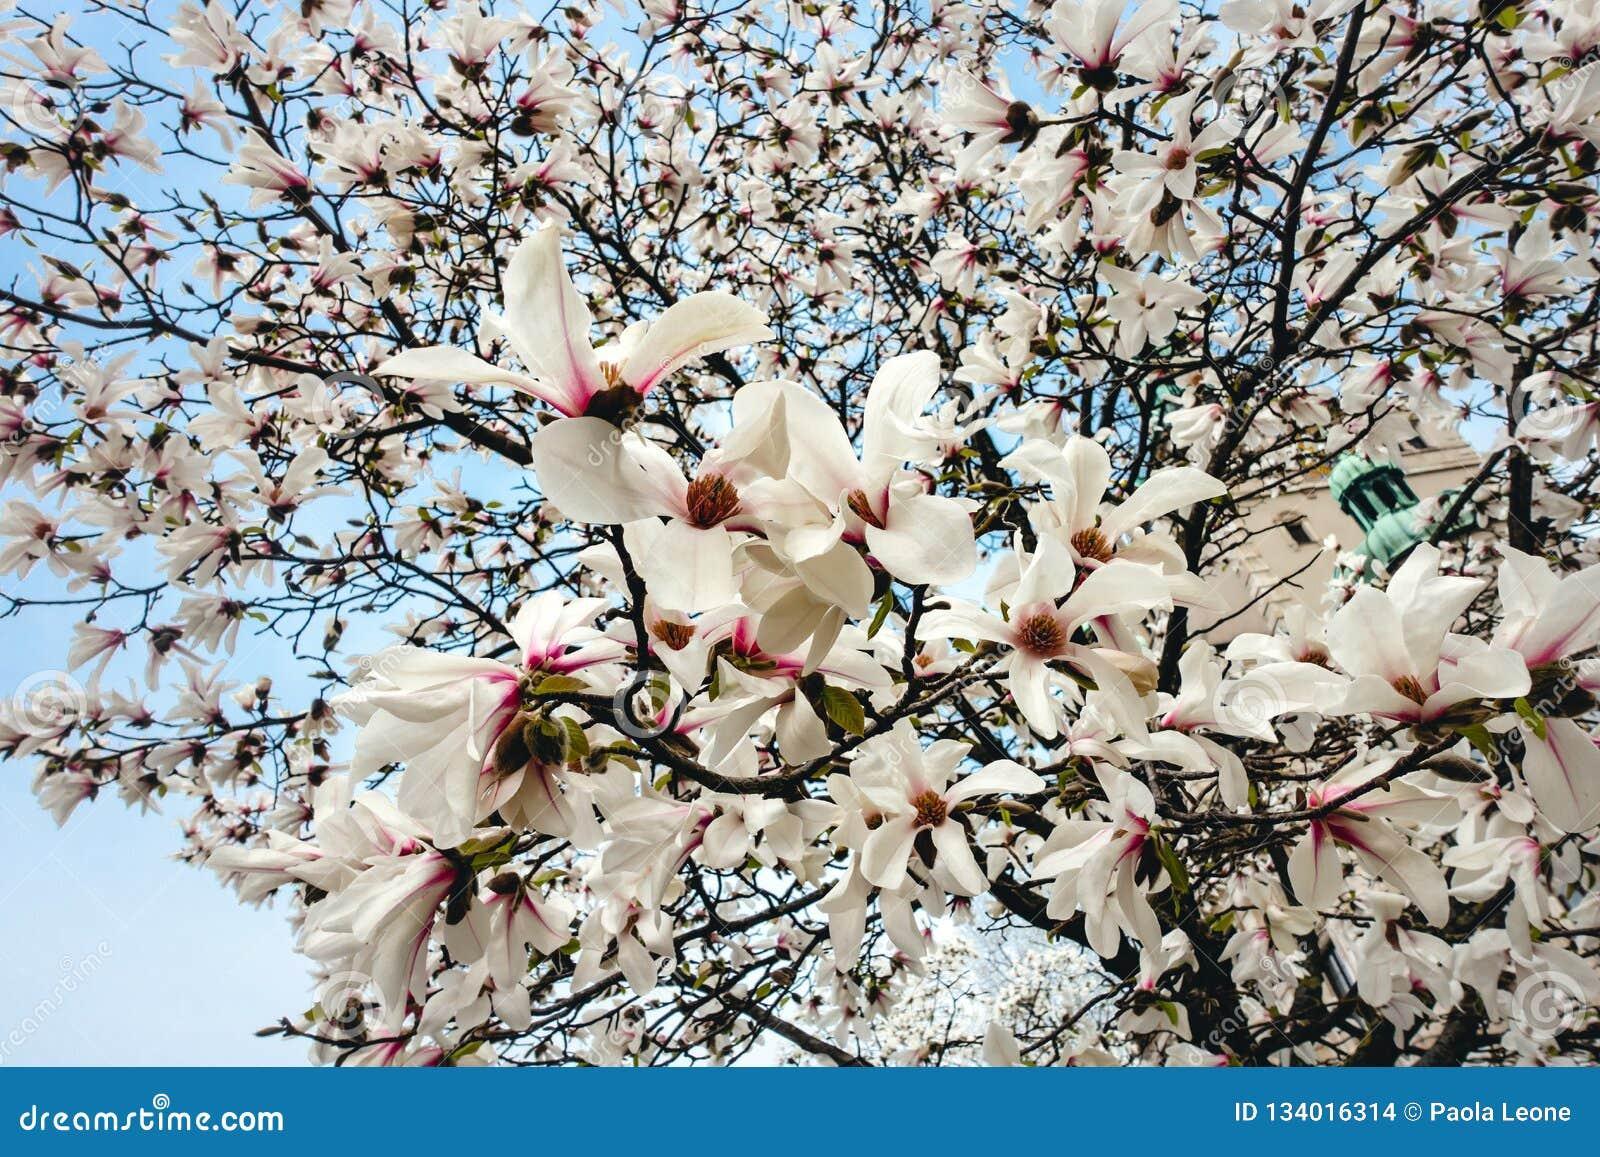 MagnoliaYulan Soulangeana blommor, blomningar på ett magnoliaträd mot blå himmel